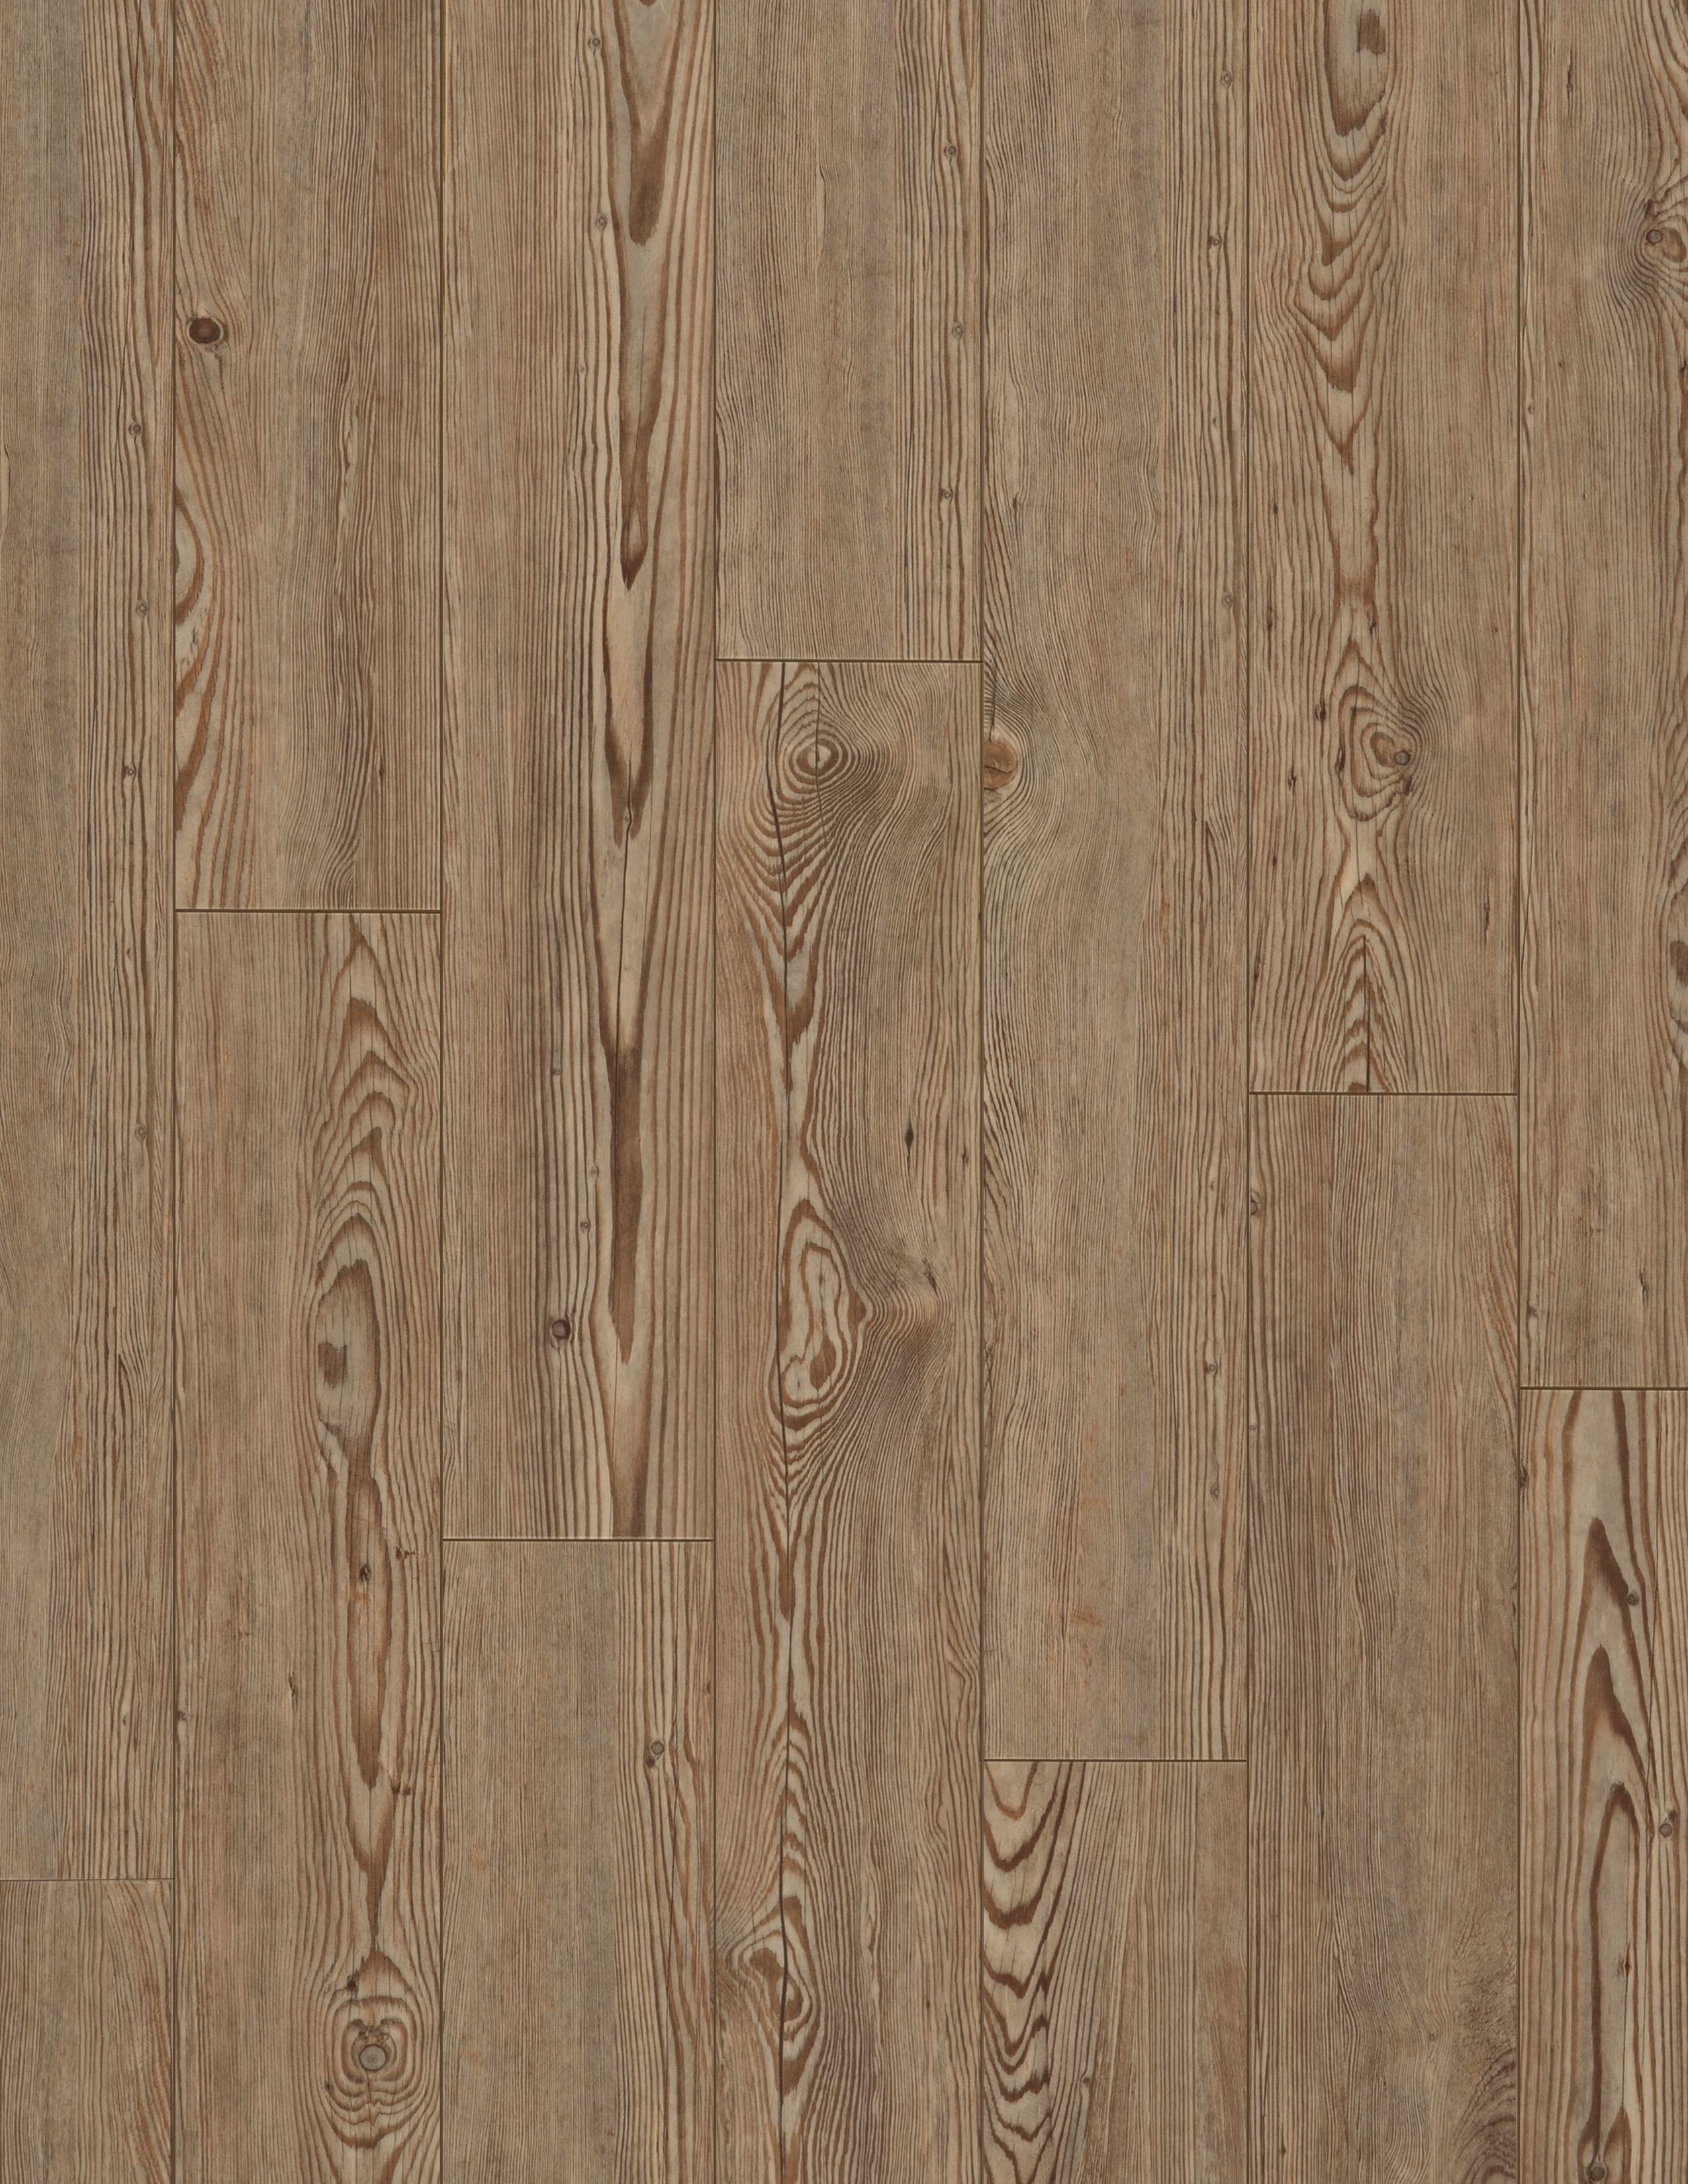 Us Floors Coretec Plus 5 Plank 50lvp506 Corvallis Pine Vinyl Flooring Coretec Flooring